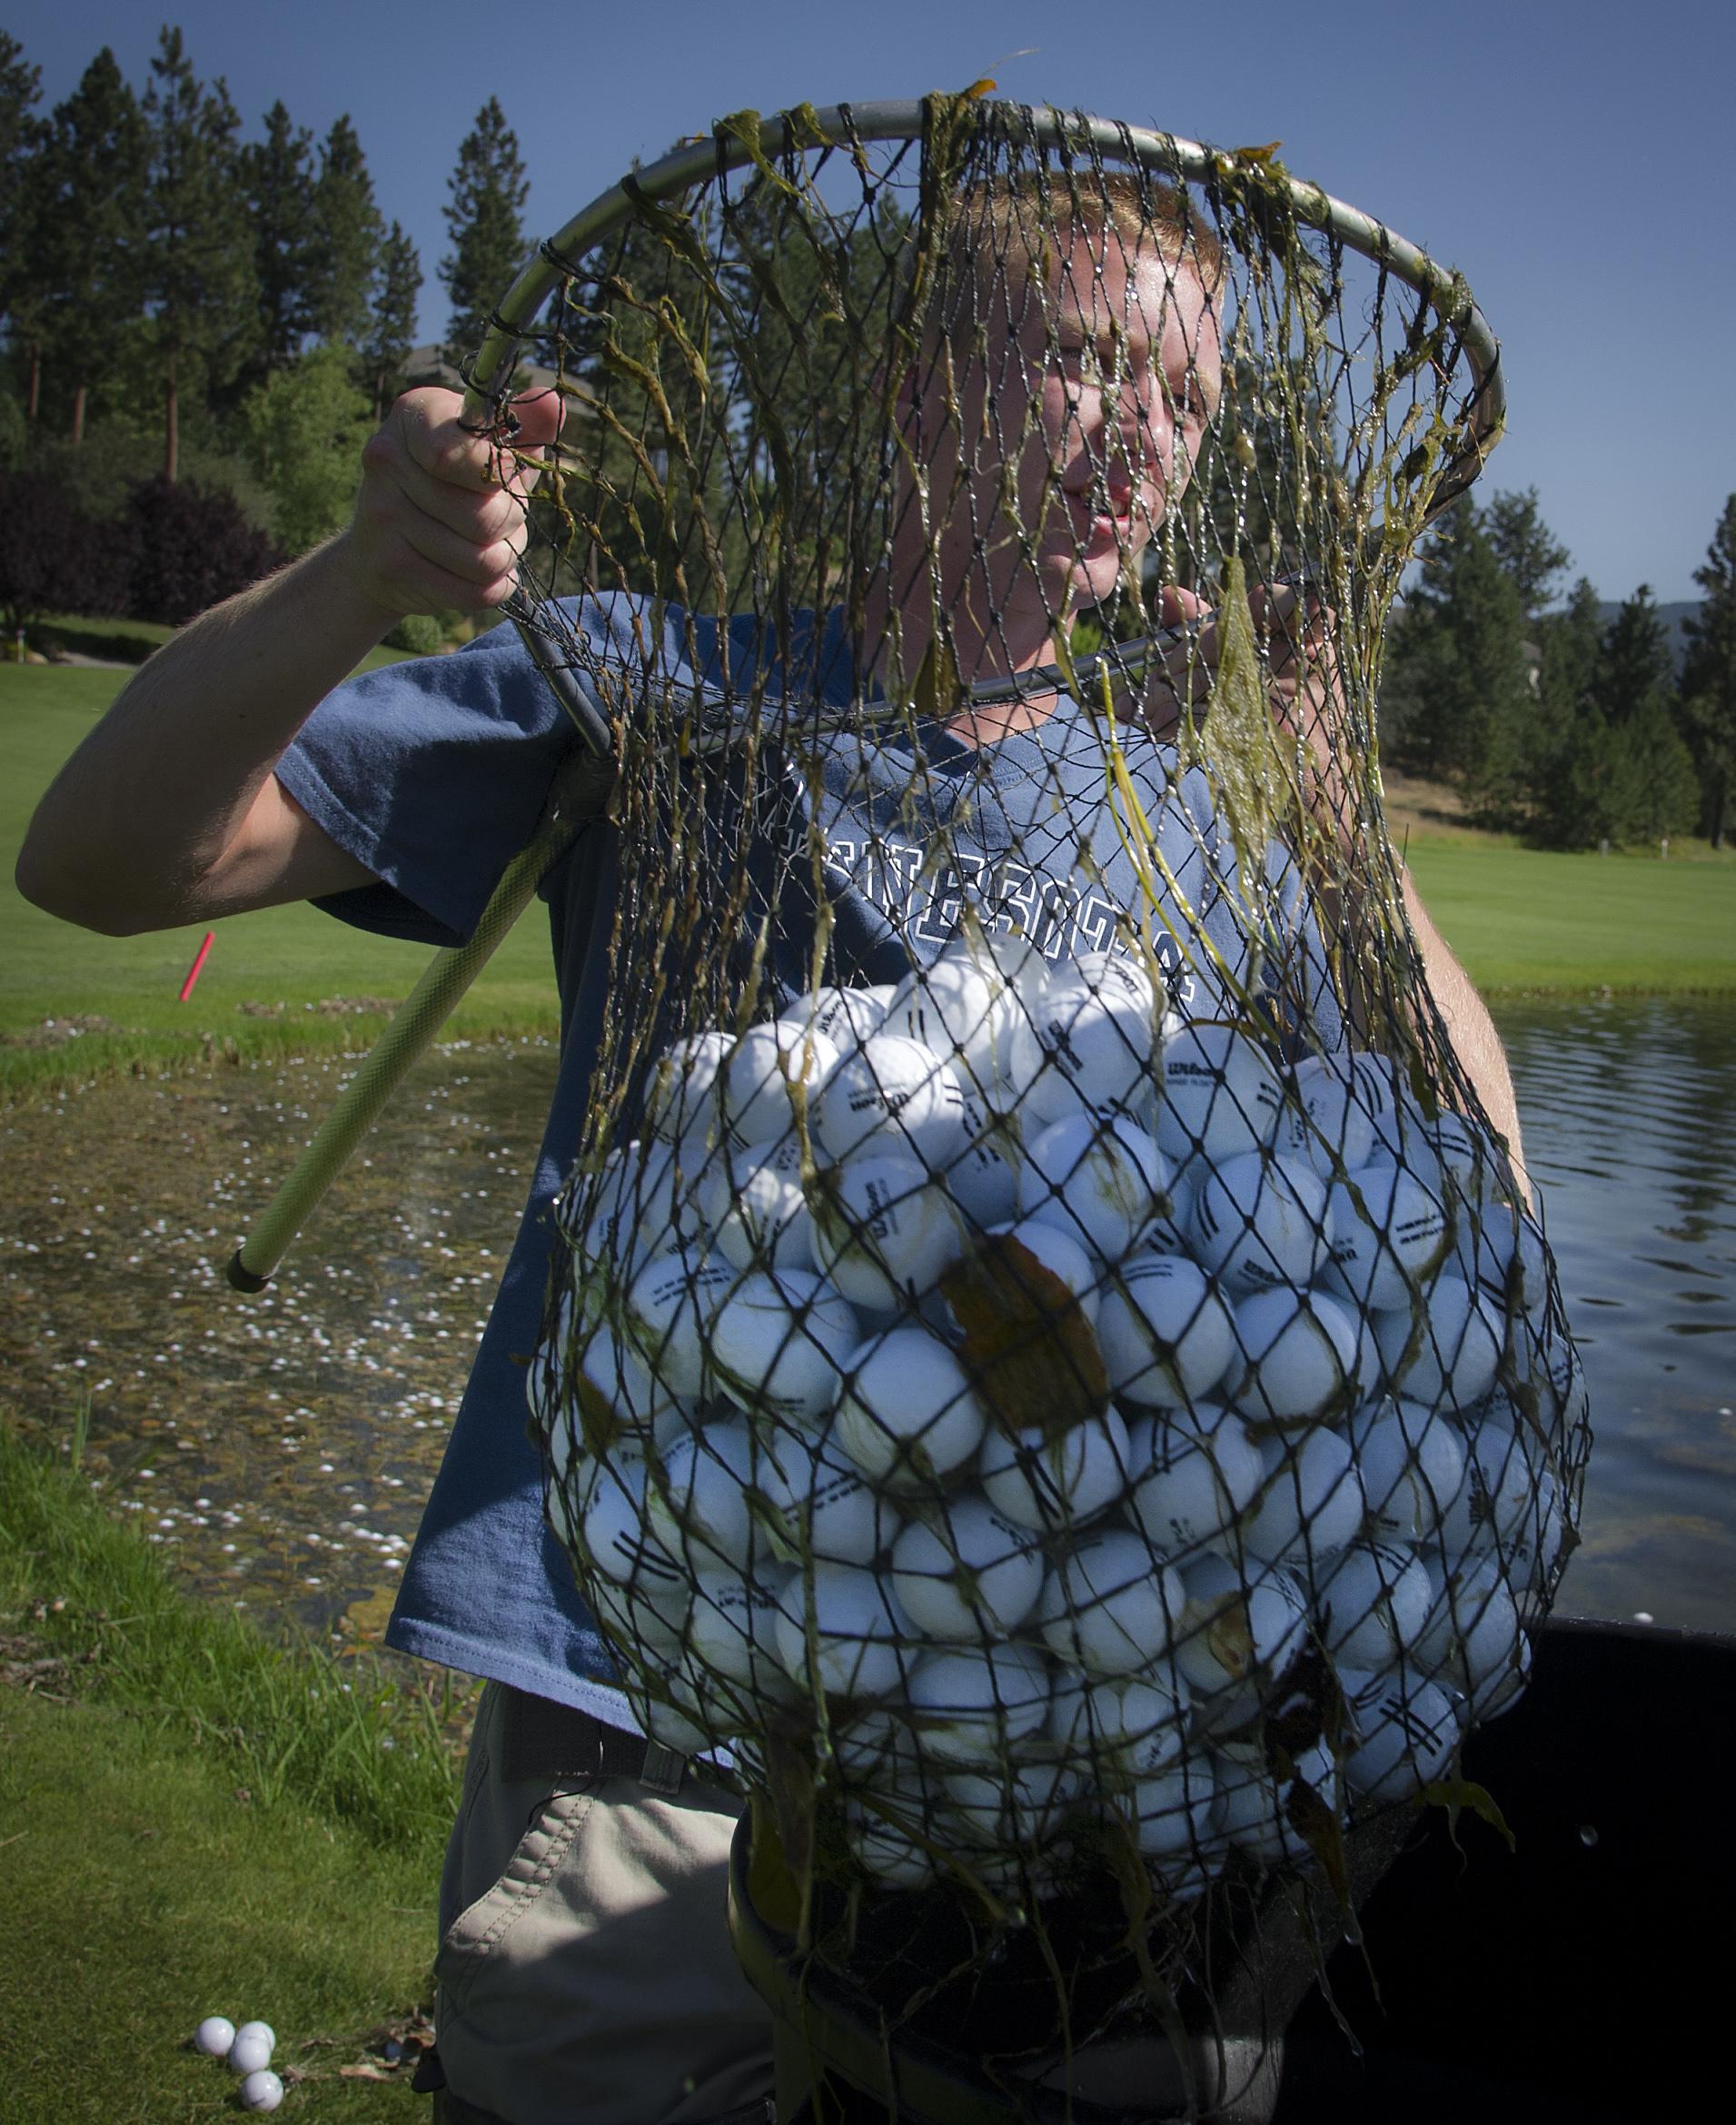 نتيجة بحث الصور عن Retrieve golf ball